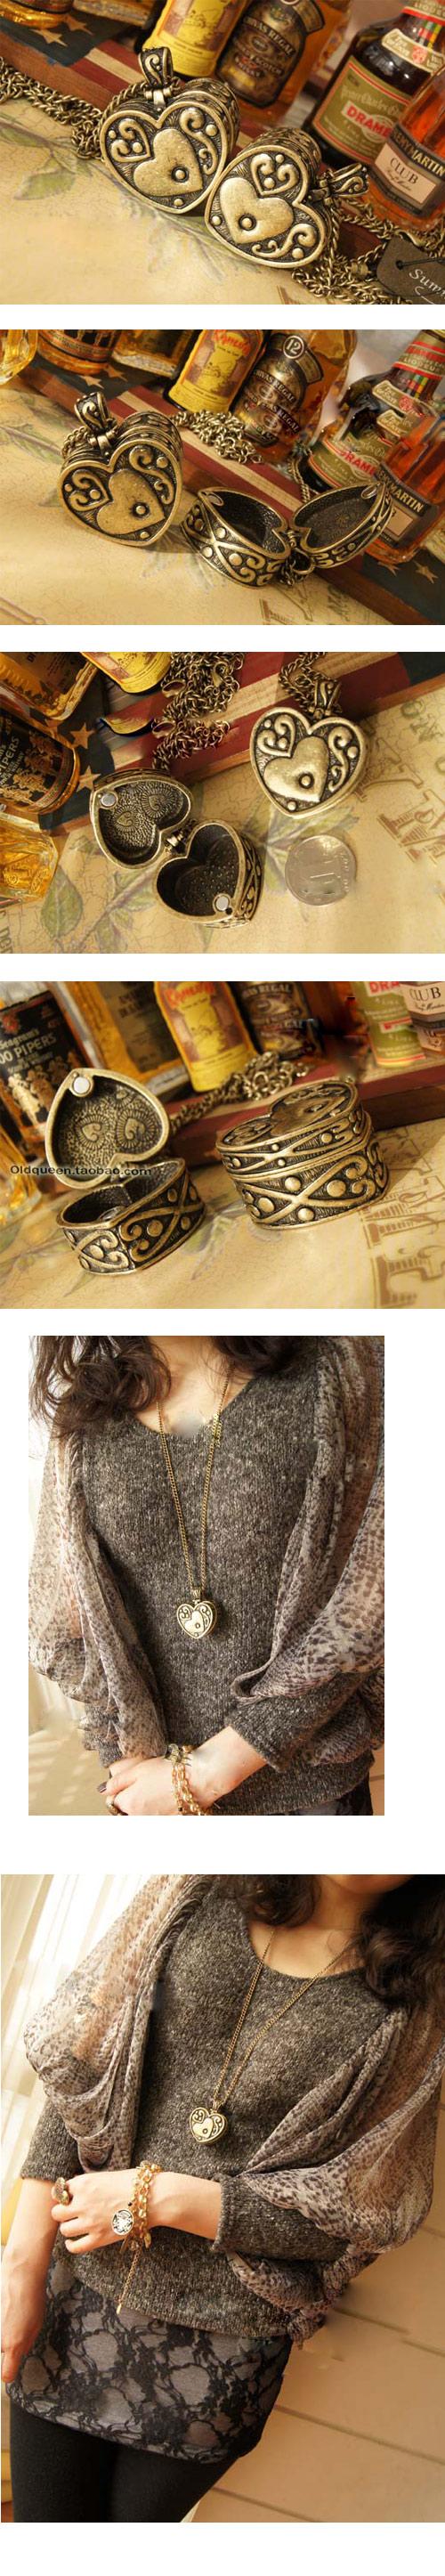 韩版时尚潘多拉盒子 复古质感雕花桃心盒子长款项链(已售完)